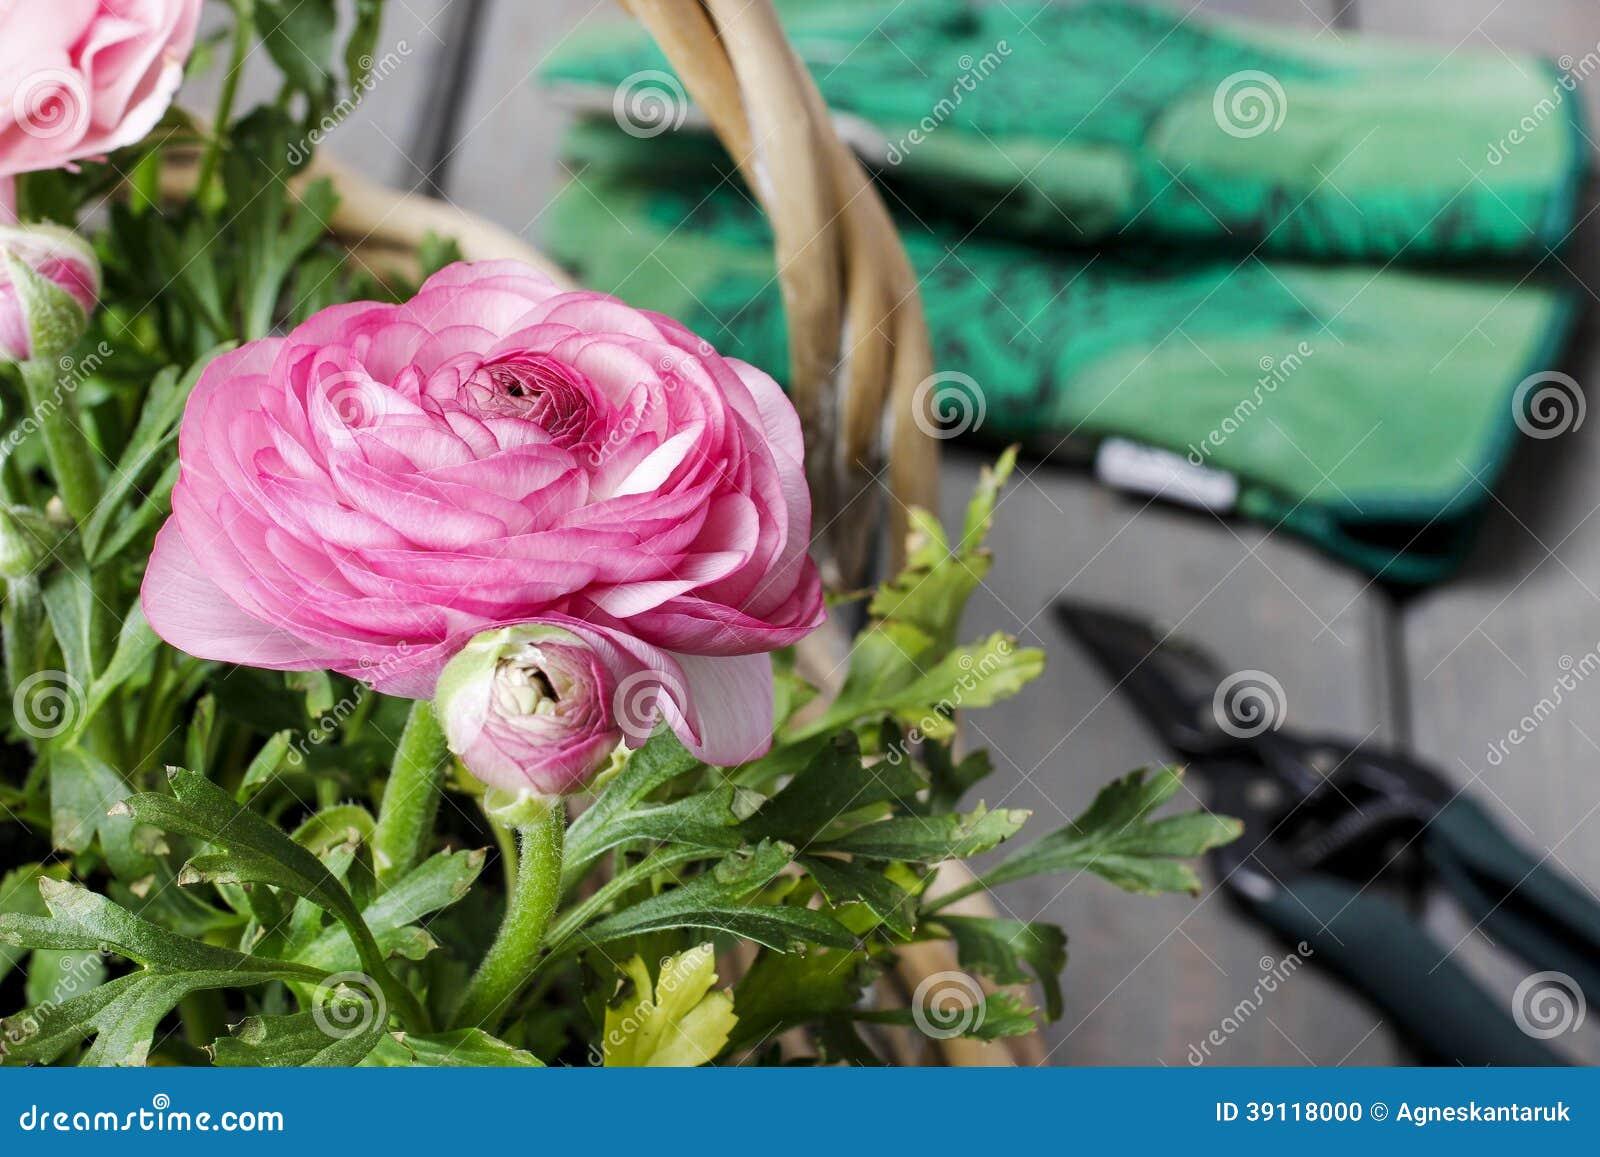 Roze Perzische boterbloemenbloemen.